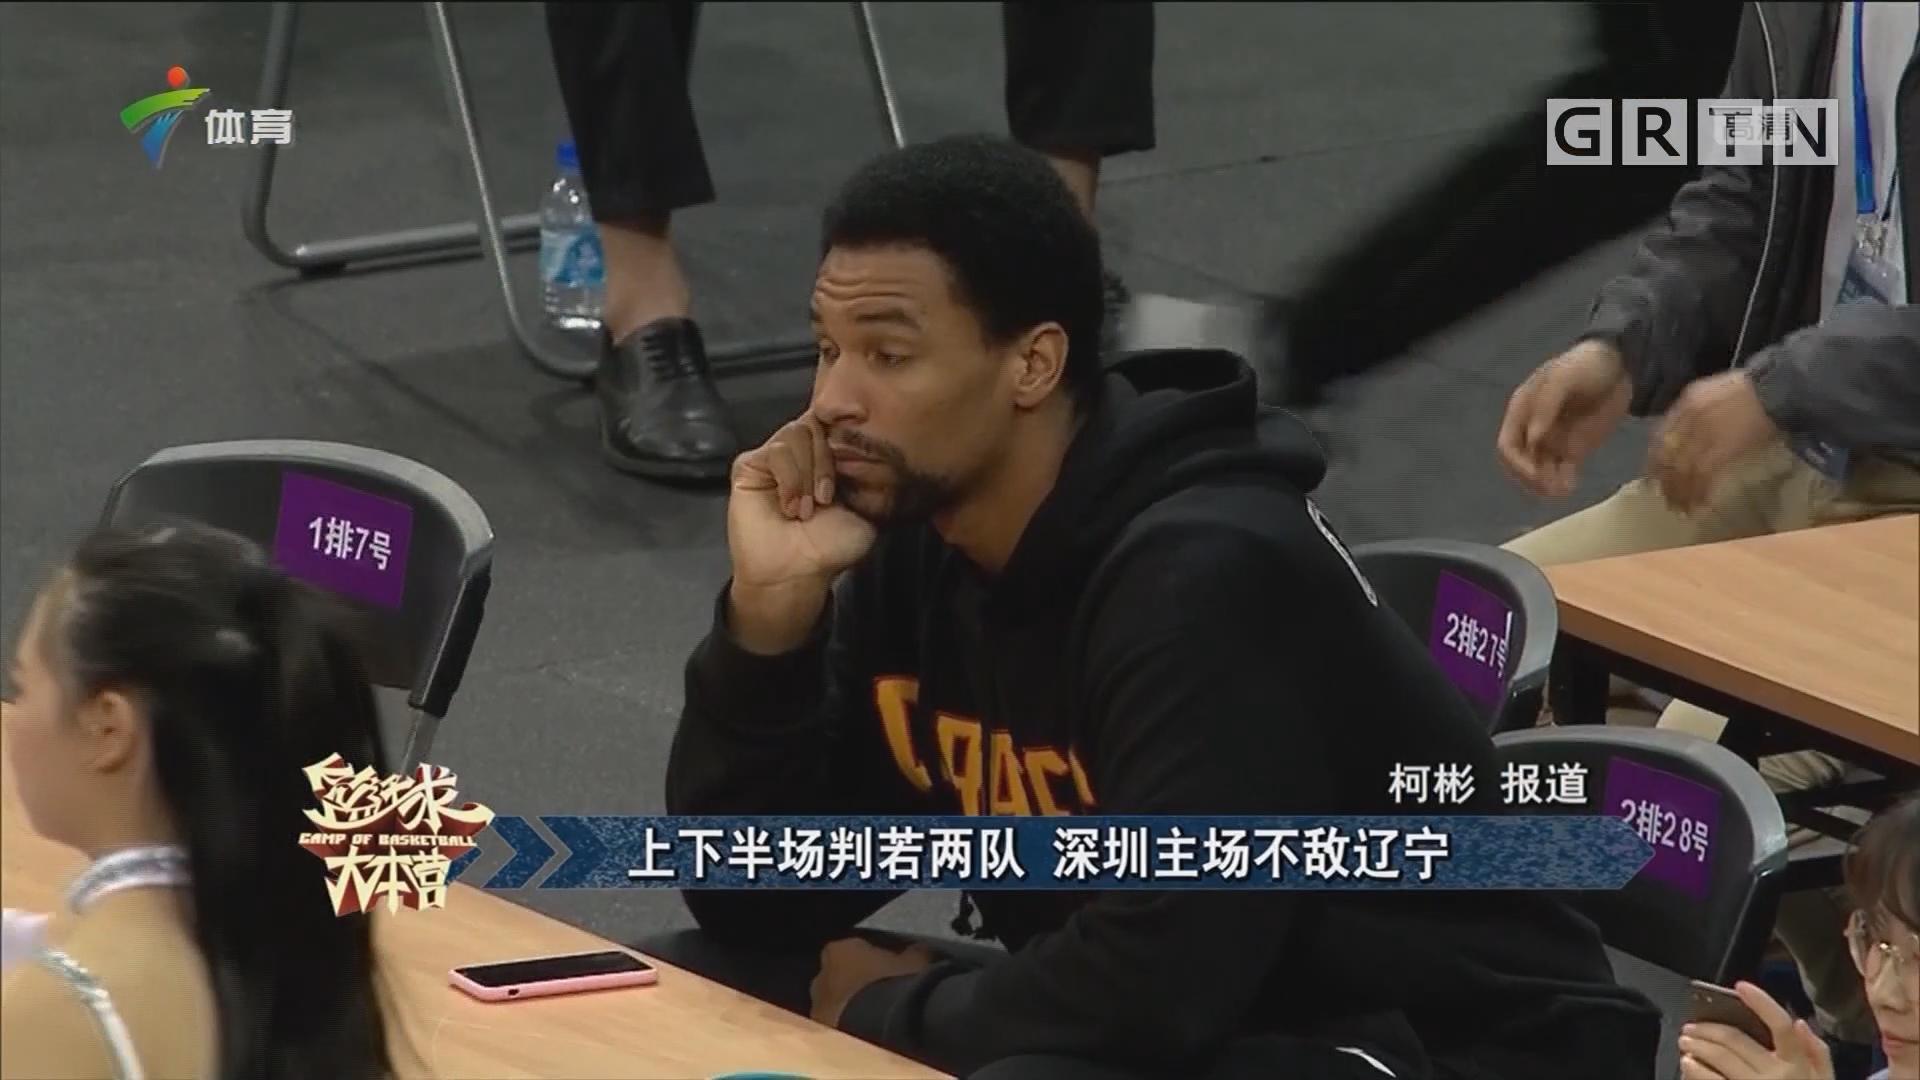 上下半场判若两队 深圳主场不敌辽宁(二)